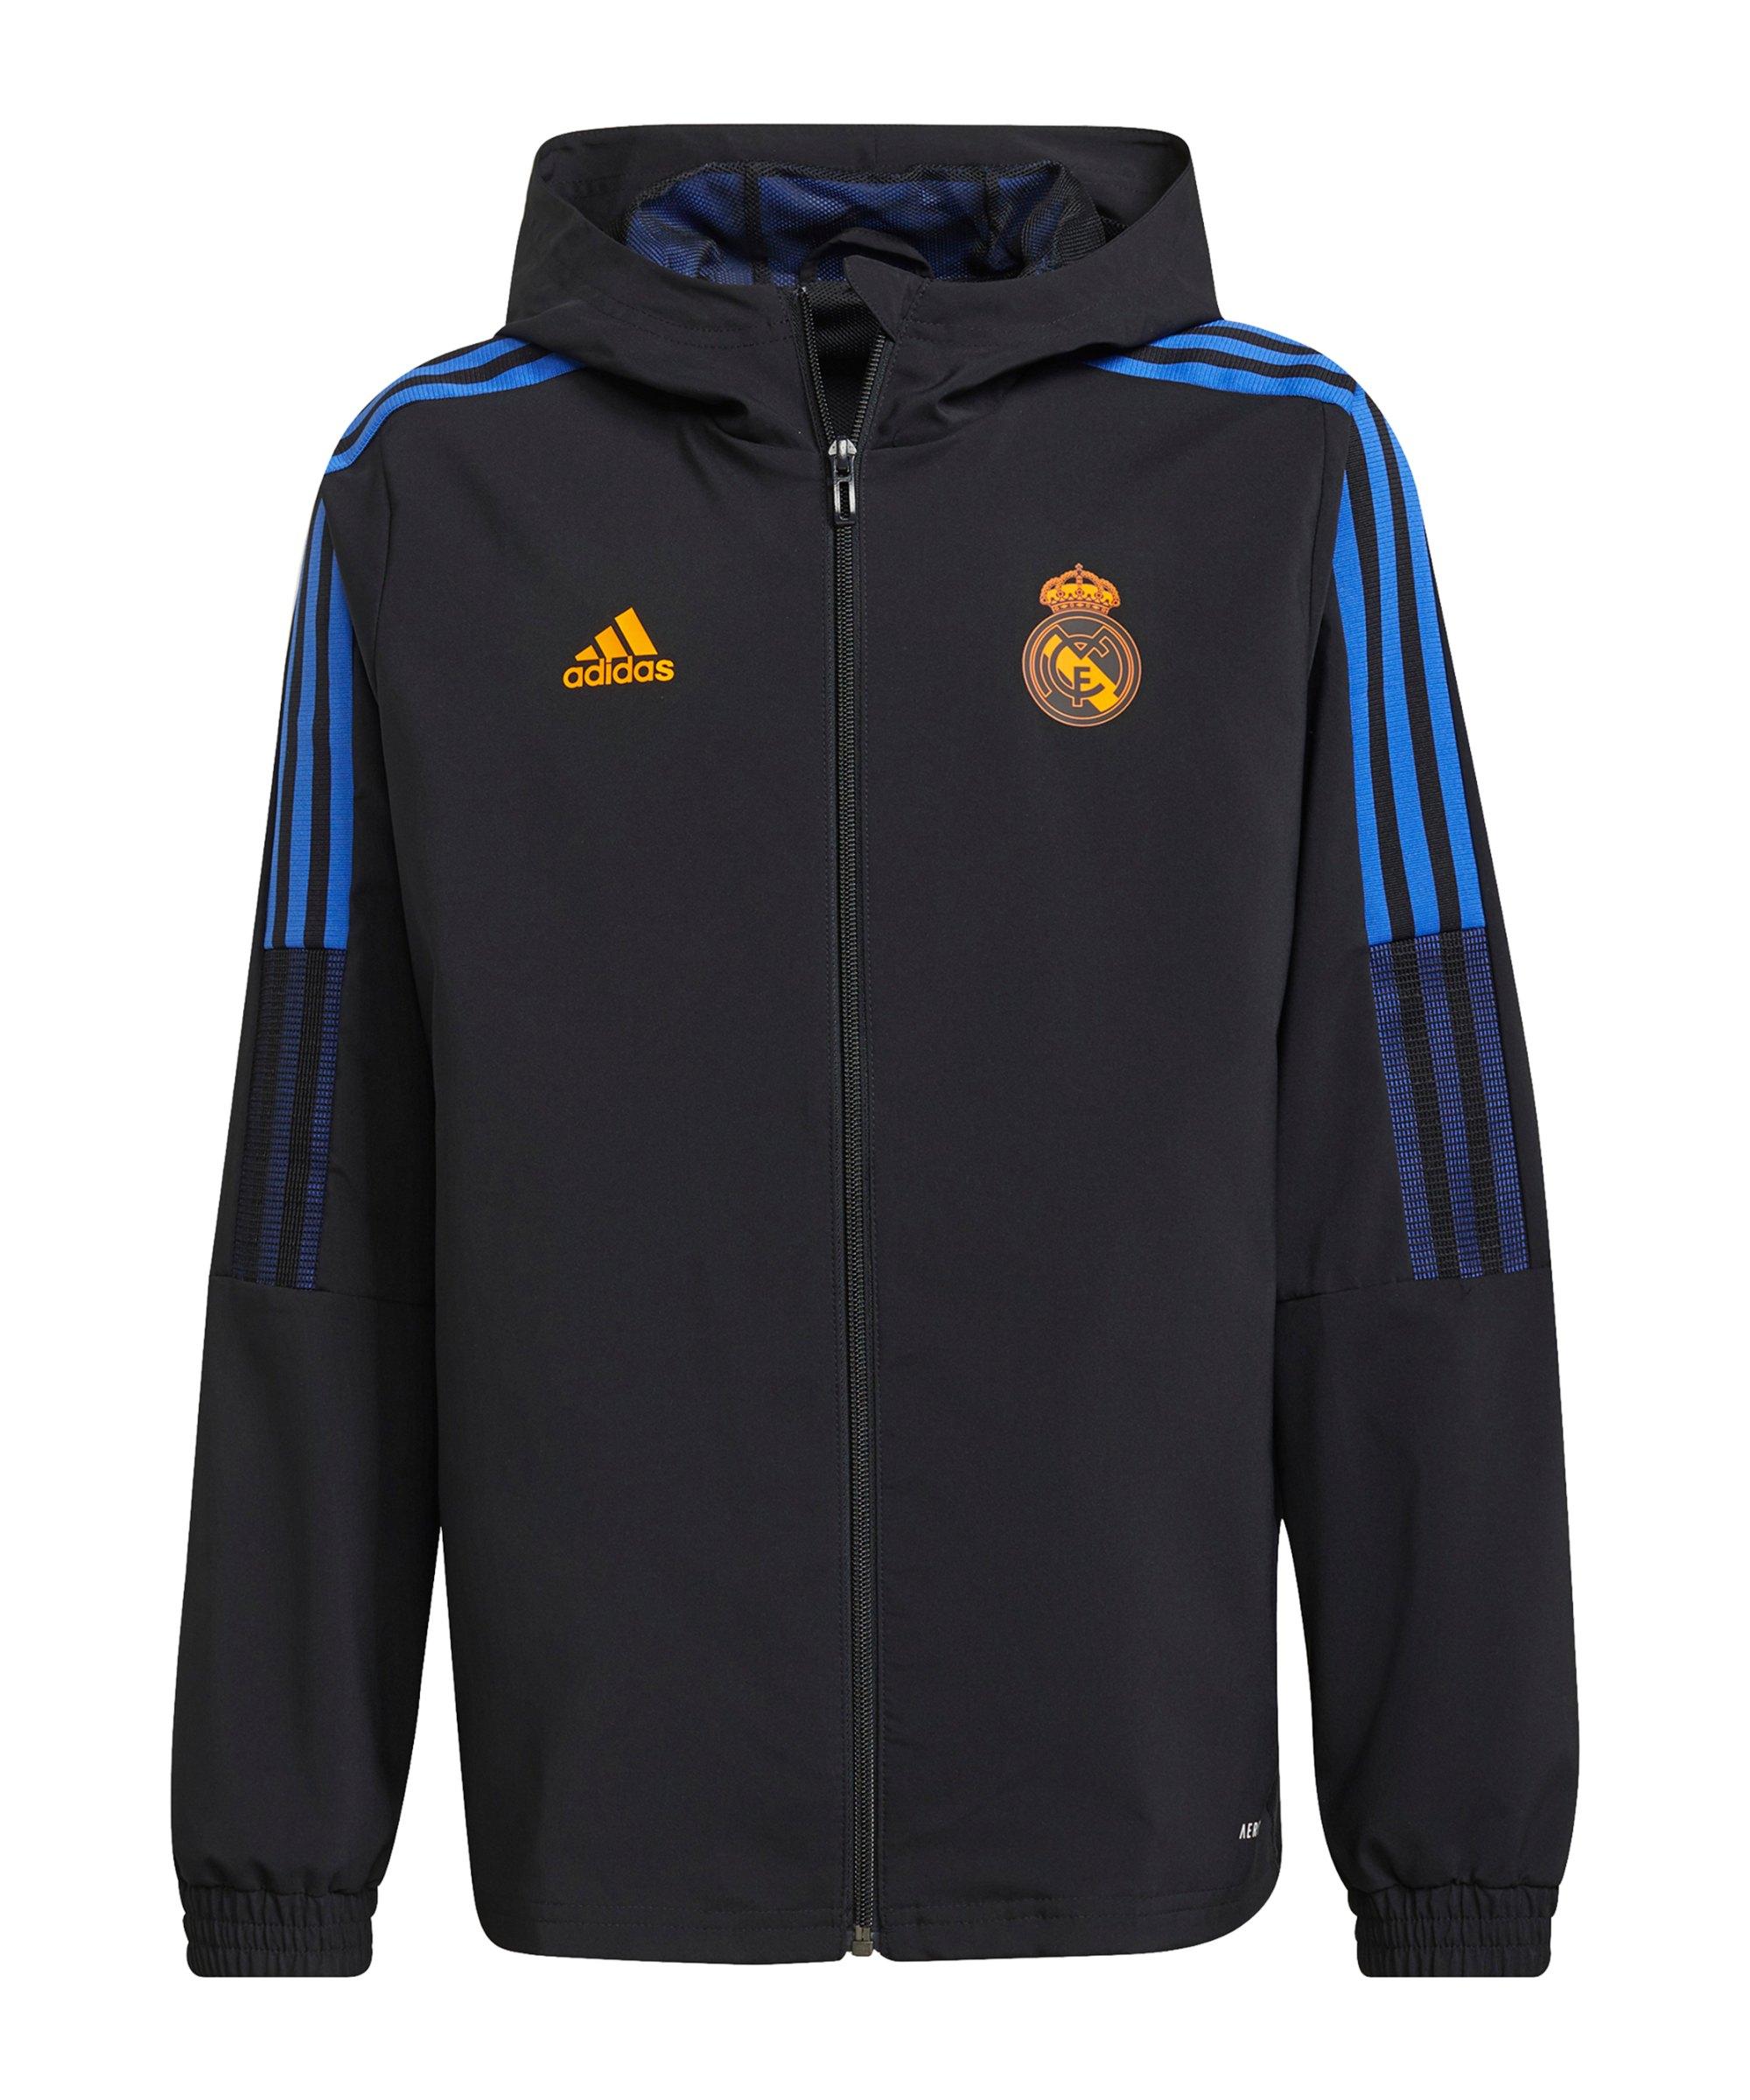 adidas Real Madrid Prematch Jacke 2021/2022 Kids Schwarz - schwarz